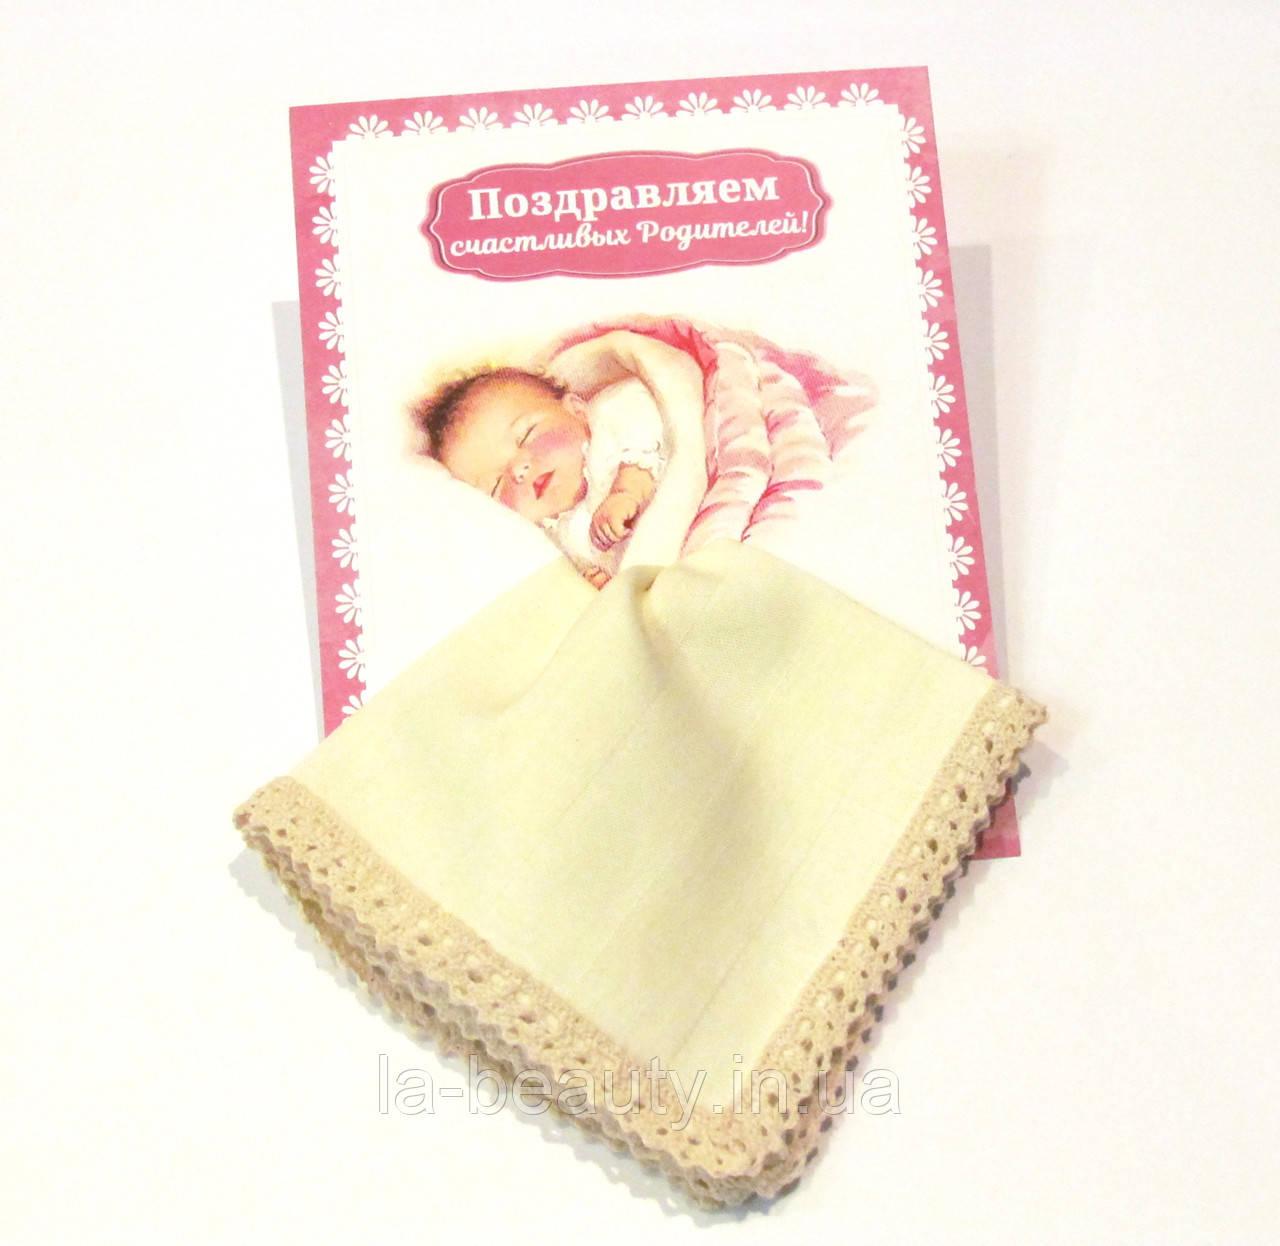 Носовой платок - сувенир новорожденной девочке молочный